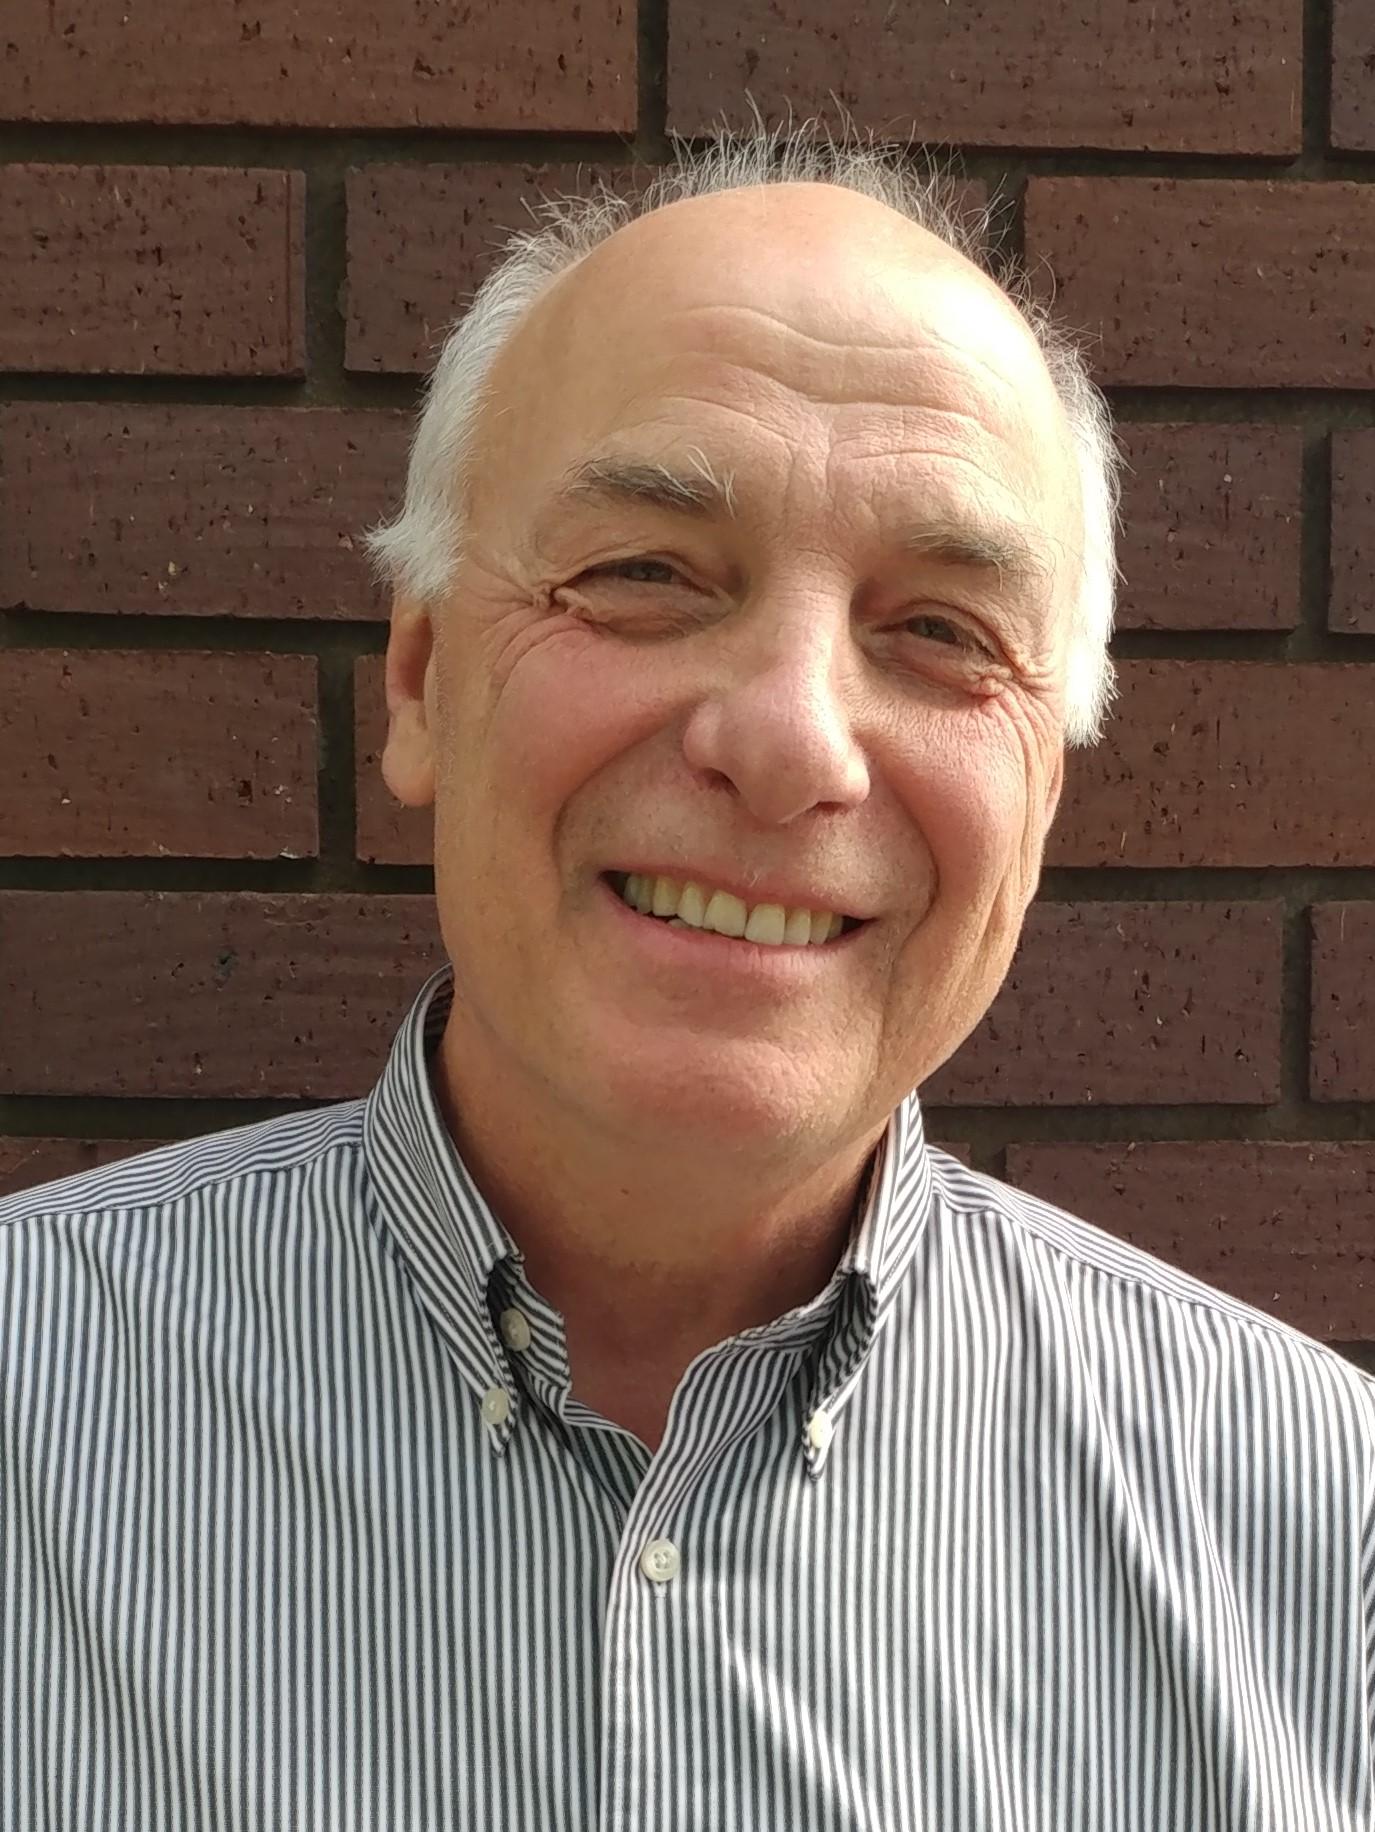 Vincent Altomari